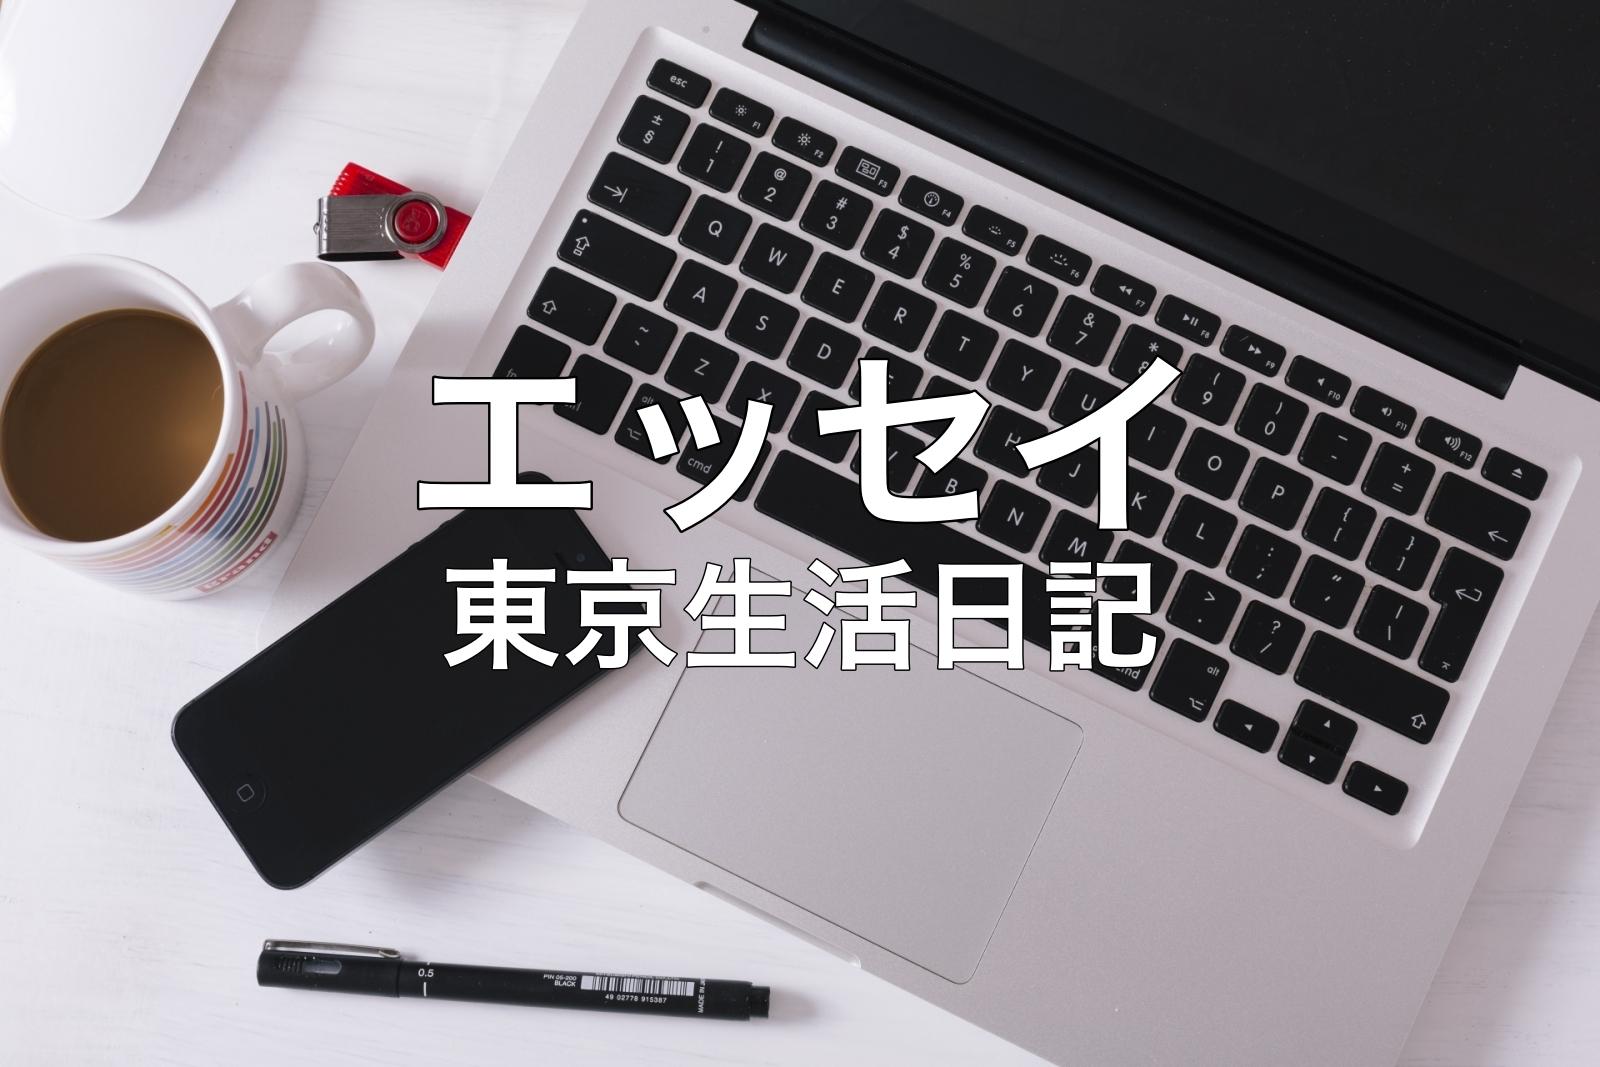 エッセイ-東京生活日記-タイトル